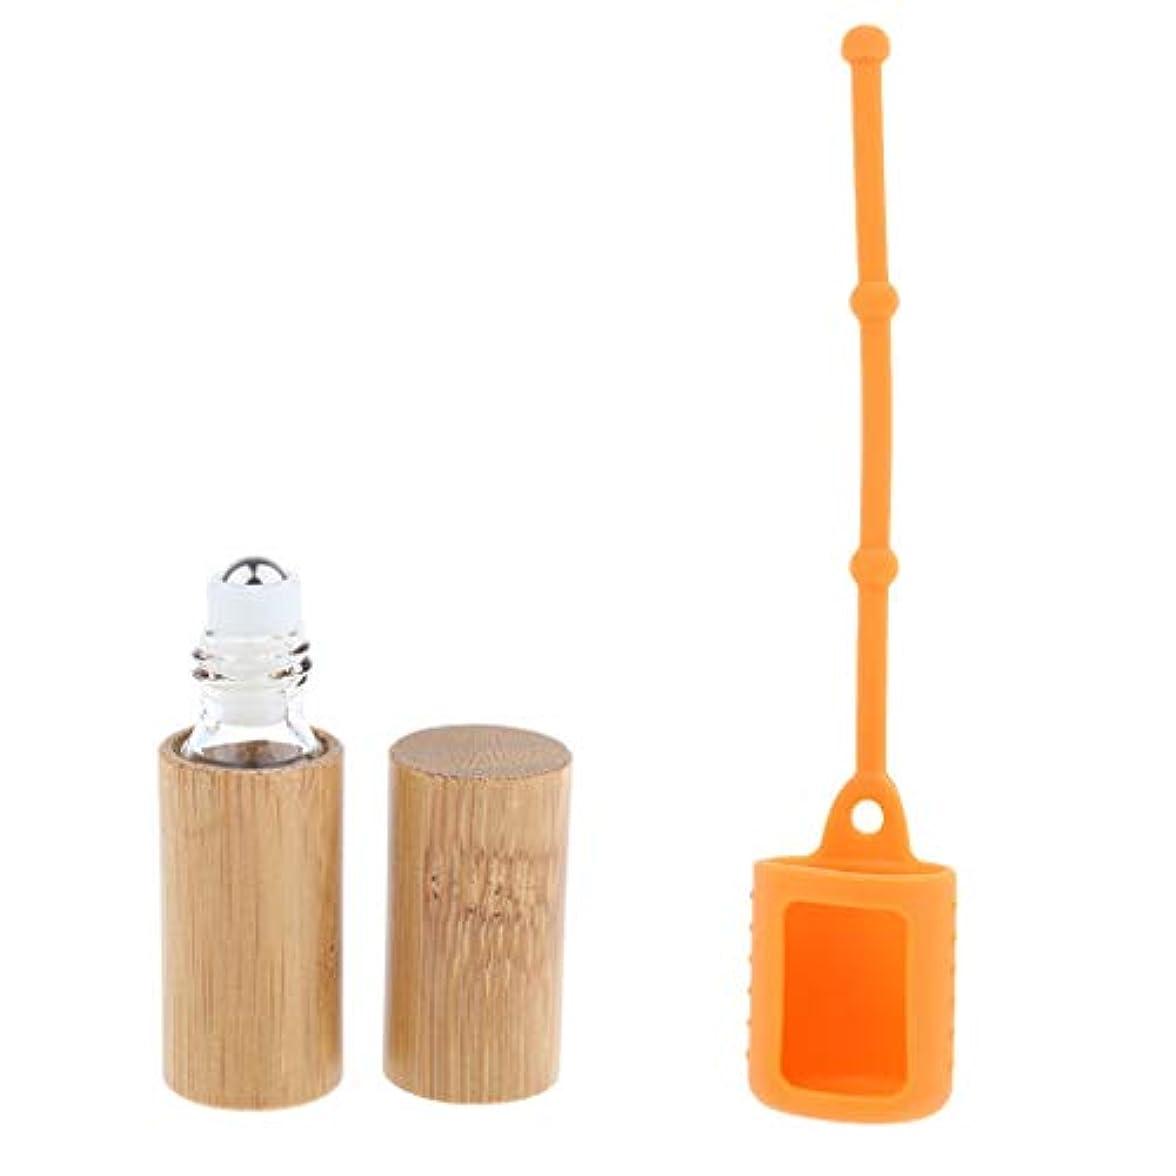 マウス運動するリア王FLAMEER 空ボトル 竹ボトル 香水瓶 エッセンシャルオイル 精油瓶 詰め替え 掛け シリコンカバー